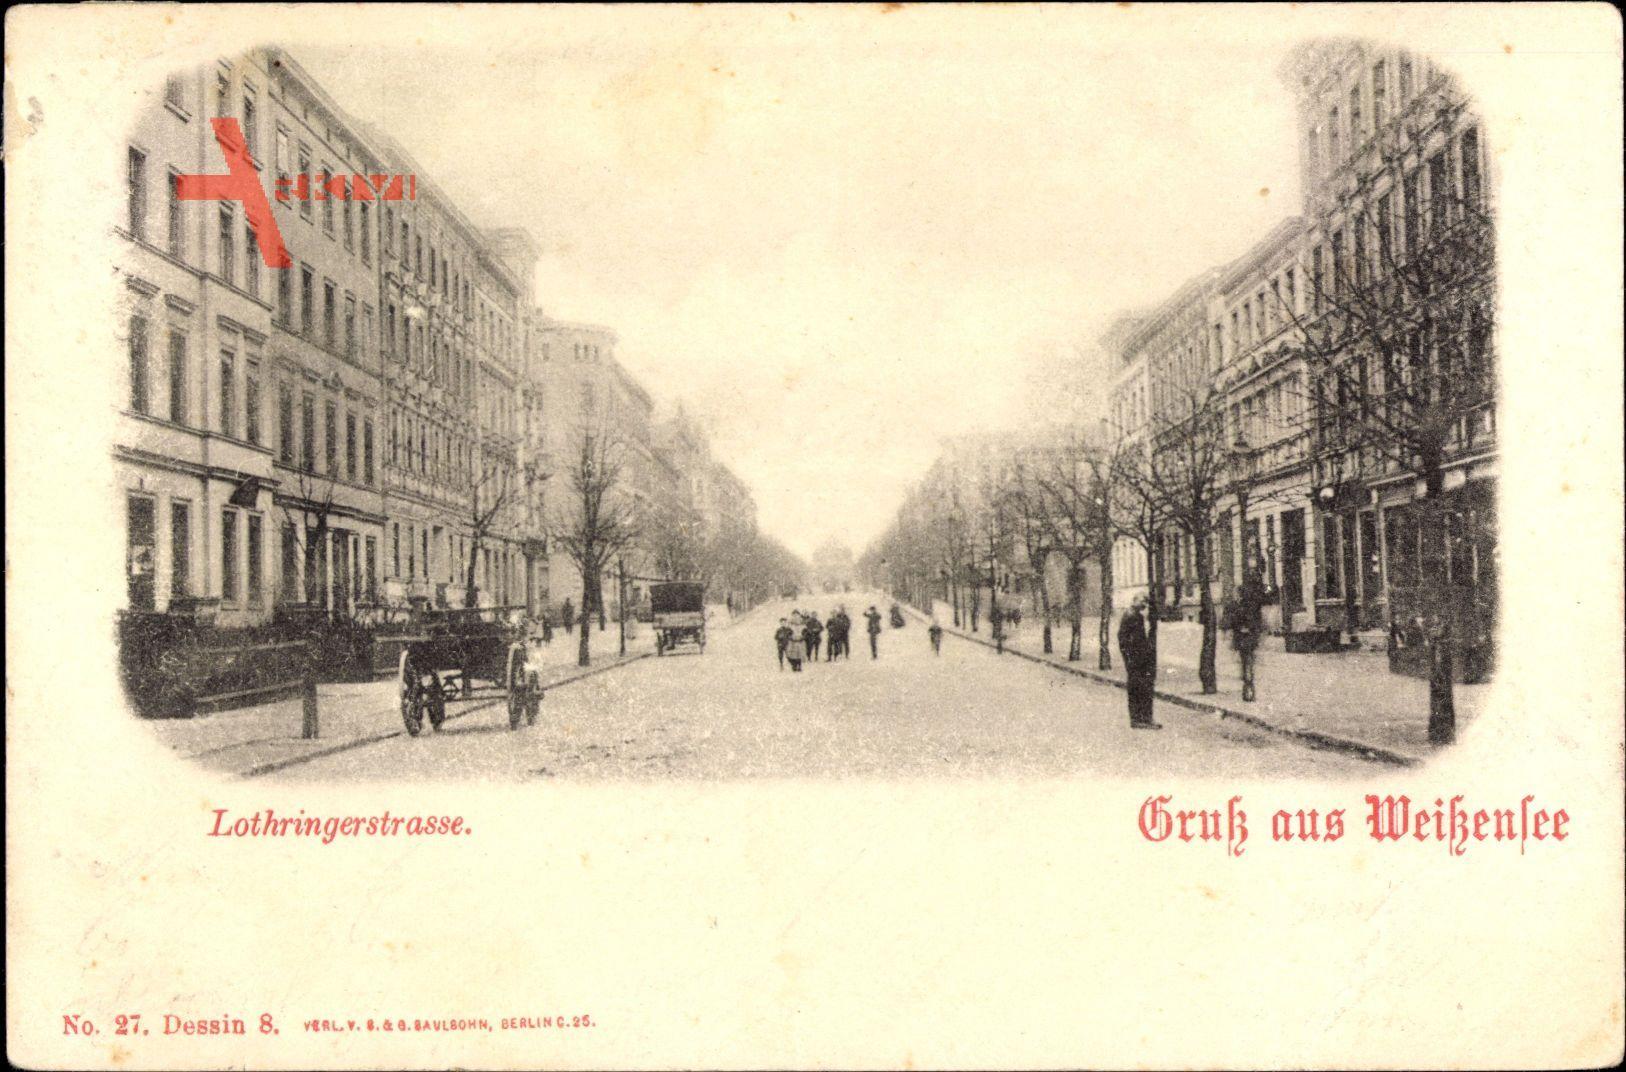 Berlin Weißensee, Blick in die Lothringer Straße, Passanten, Fassaden